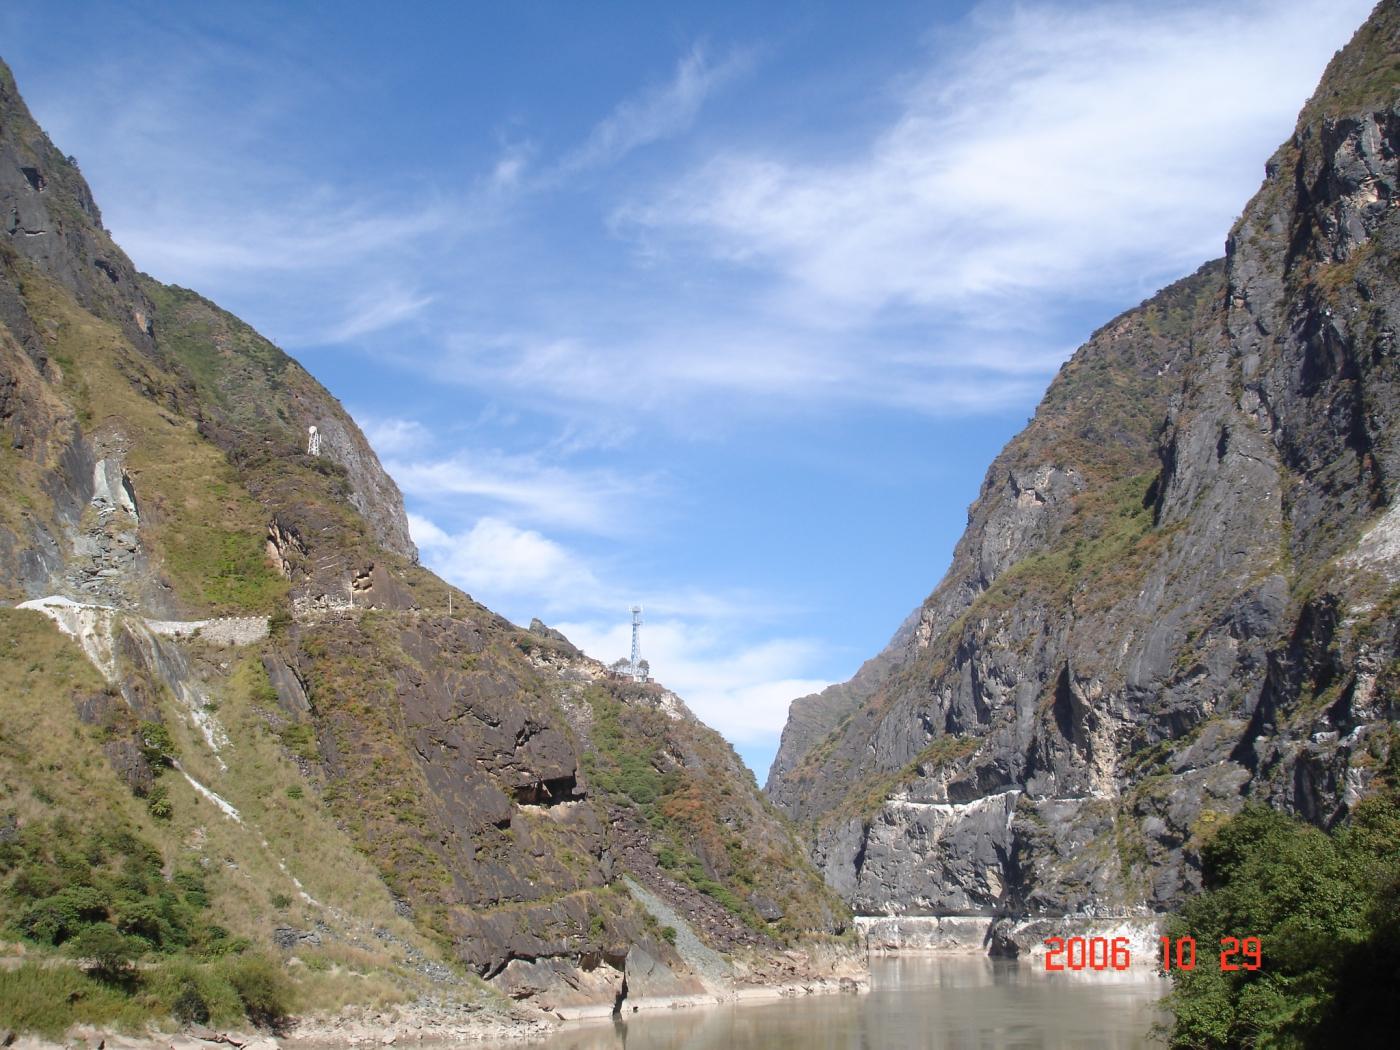 【汉良子】虎跳峡--中国最深的峡谷之一(图)_图1-10